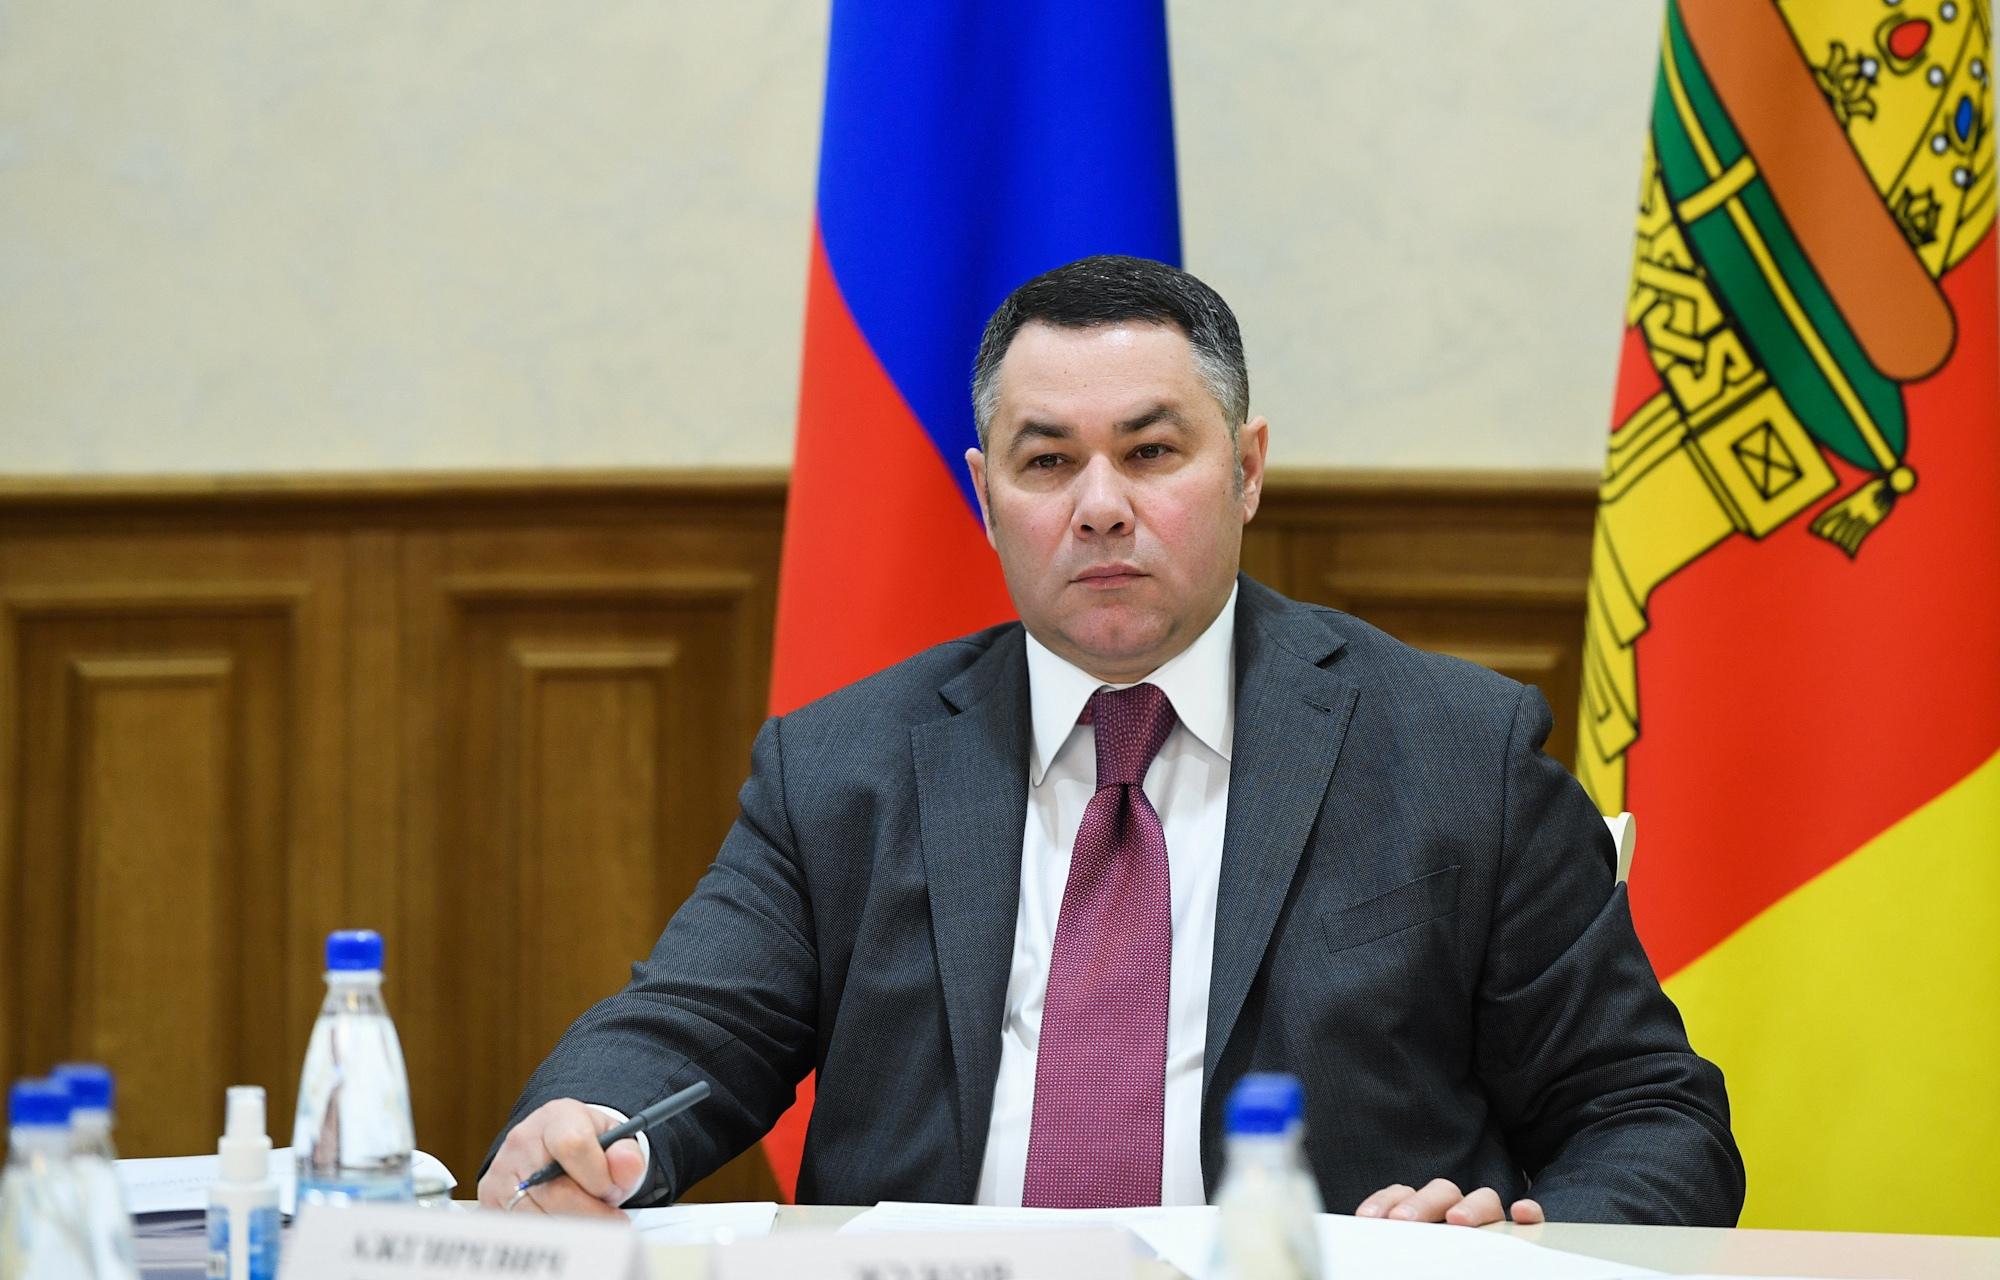 Губернатор Игорь Руденя посетит с рабочим визитом Торжок и Вышневолоцкий городской округ